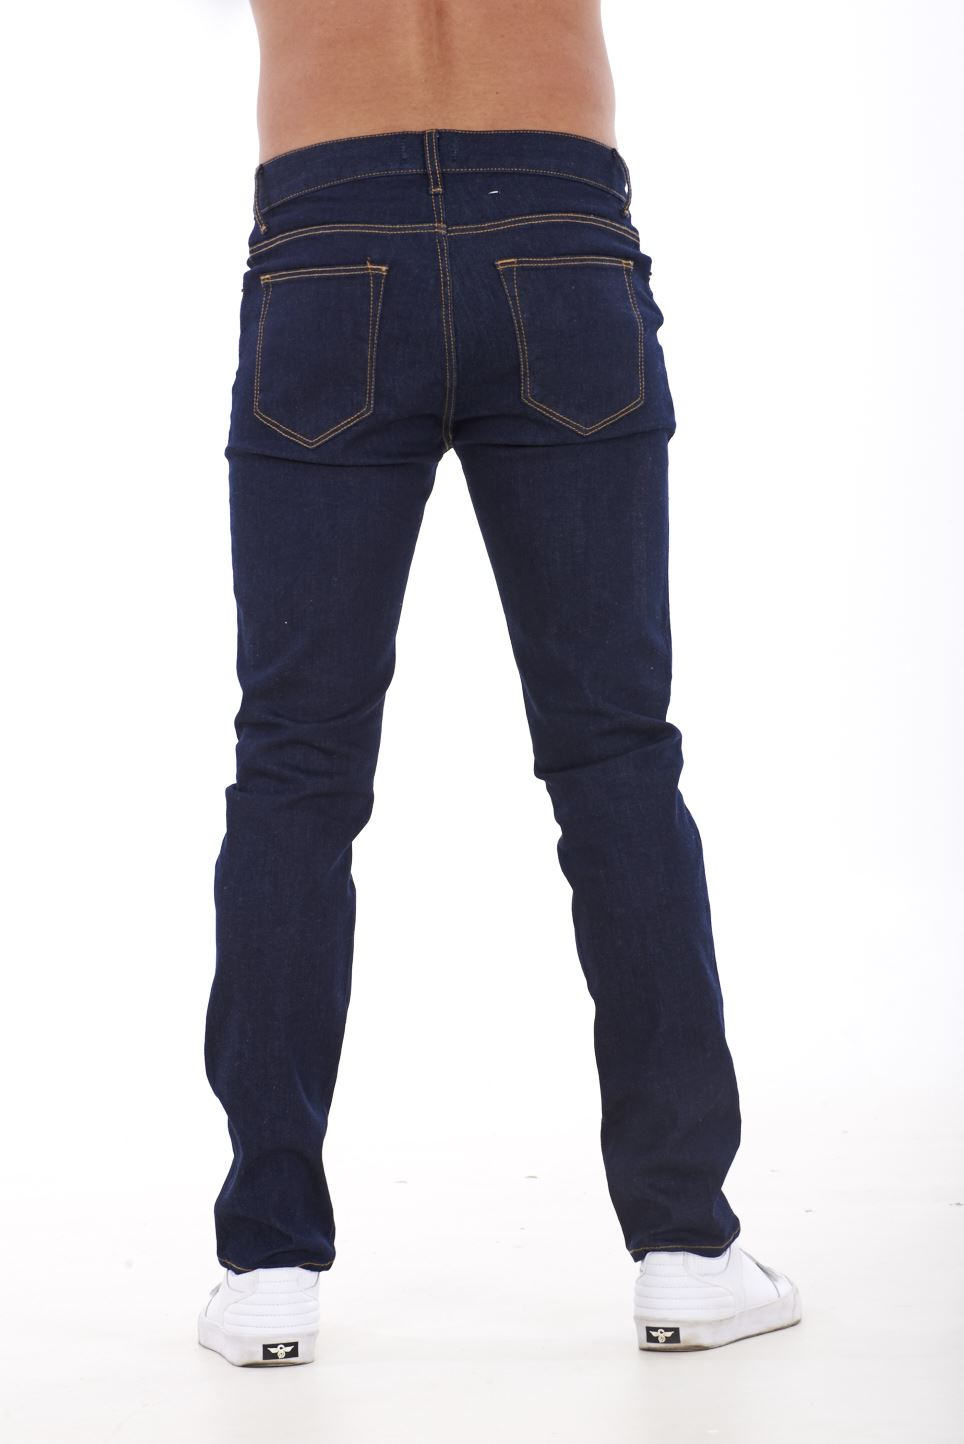 NUOVA-Linea-Uomo-Ragazzi-Slim-Fit-Stretch-Qualita-Jeans-Regolare-Pantaloni-con-marchio-SMART-30-40 miniatura 13